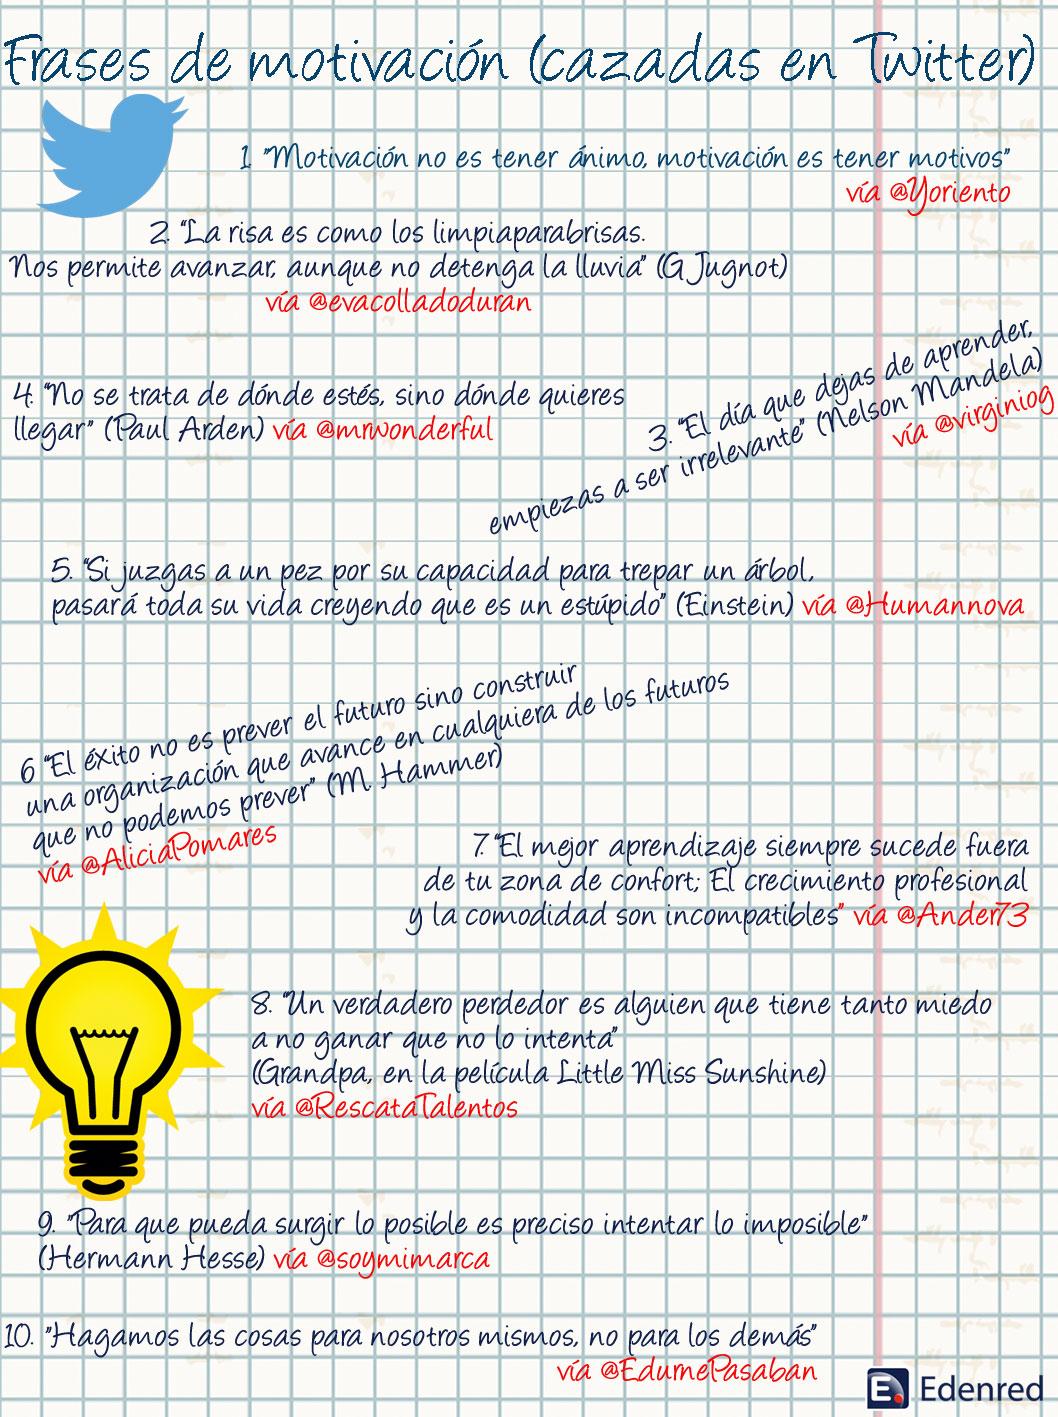 Las mejores frases de motivación (cazadas en Twitter)_2